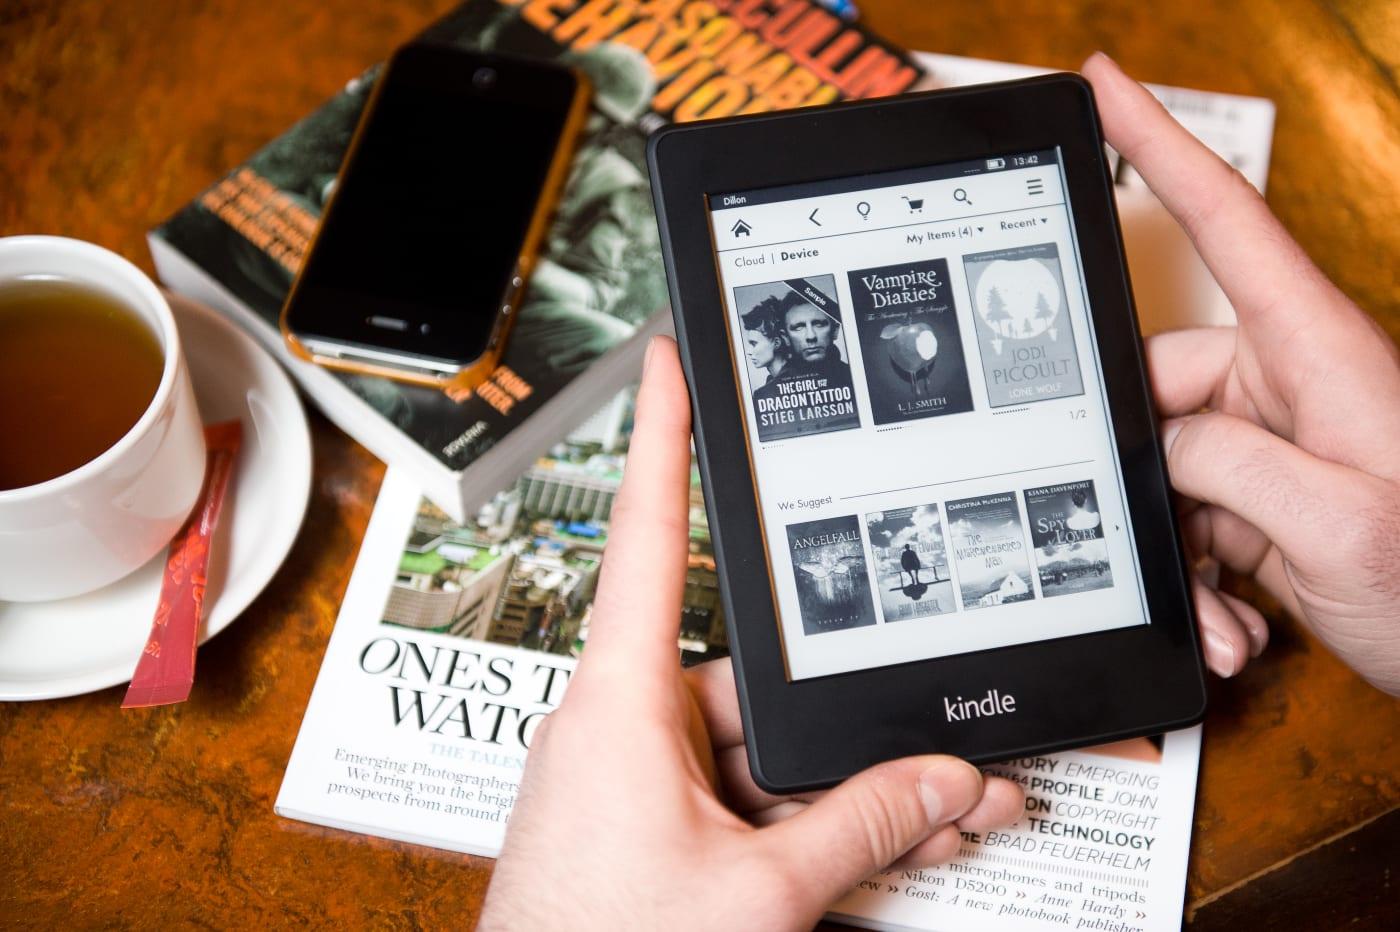 赶快为你的旧 Kindle 更新,否则就再不能联网使用啊